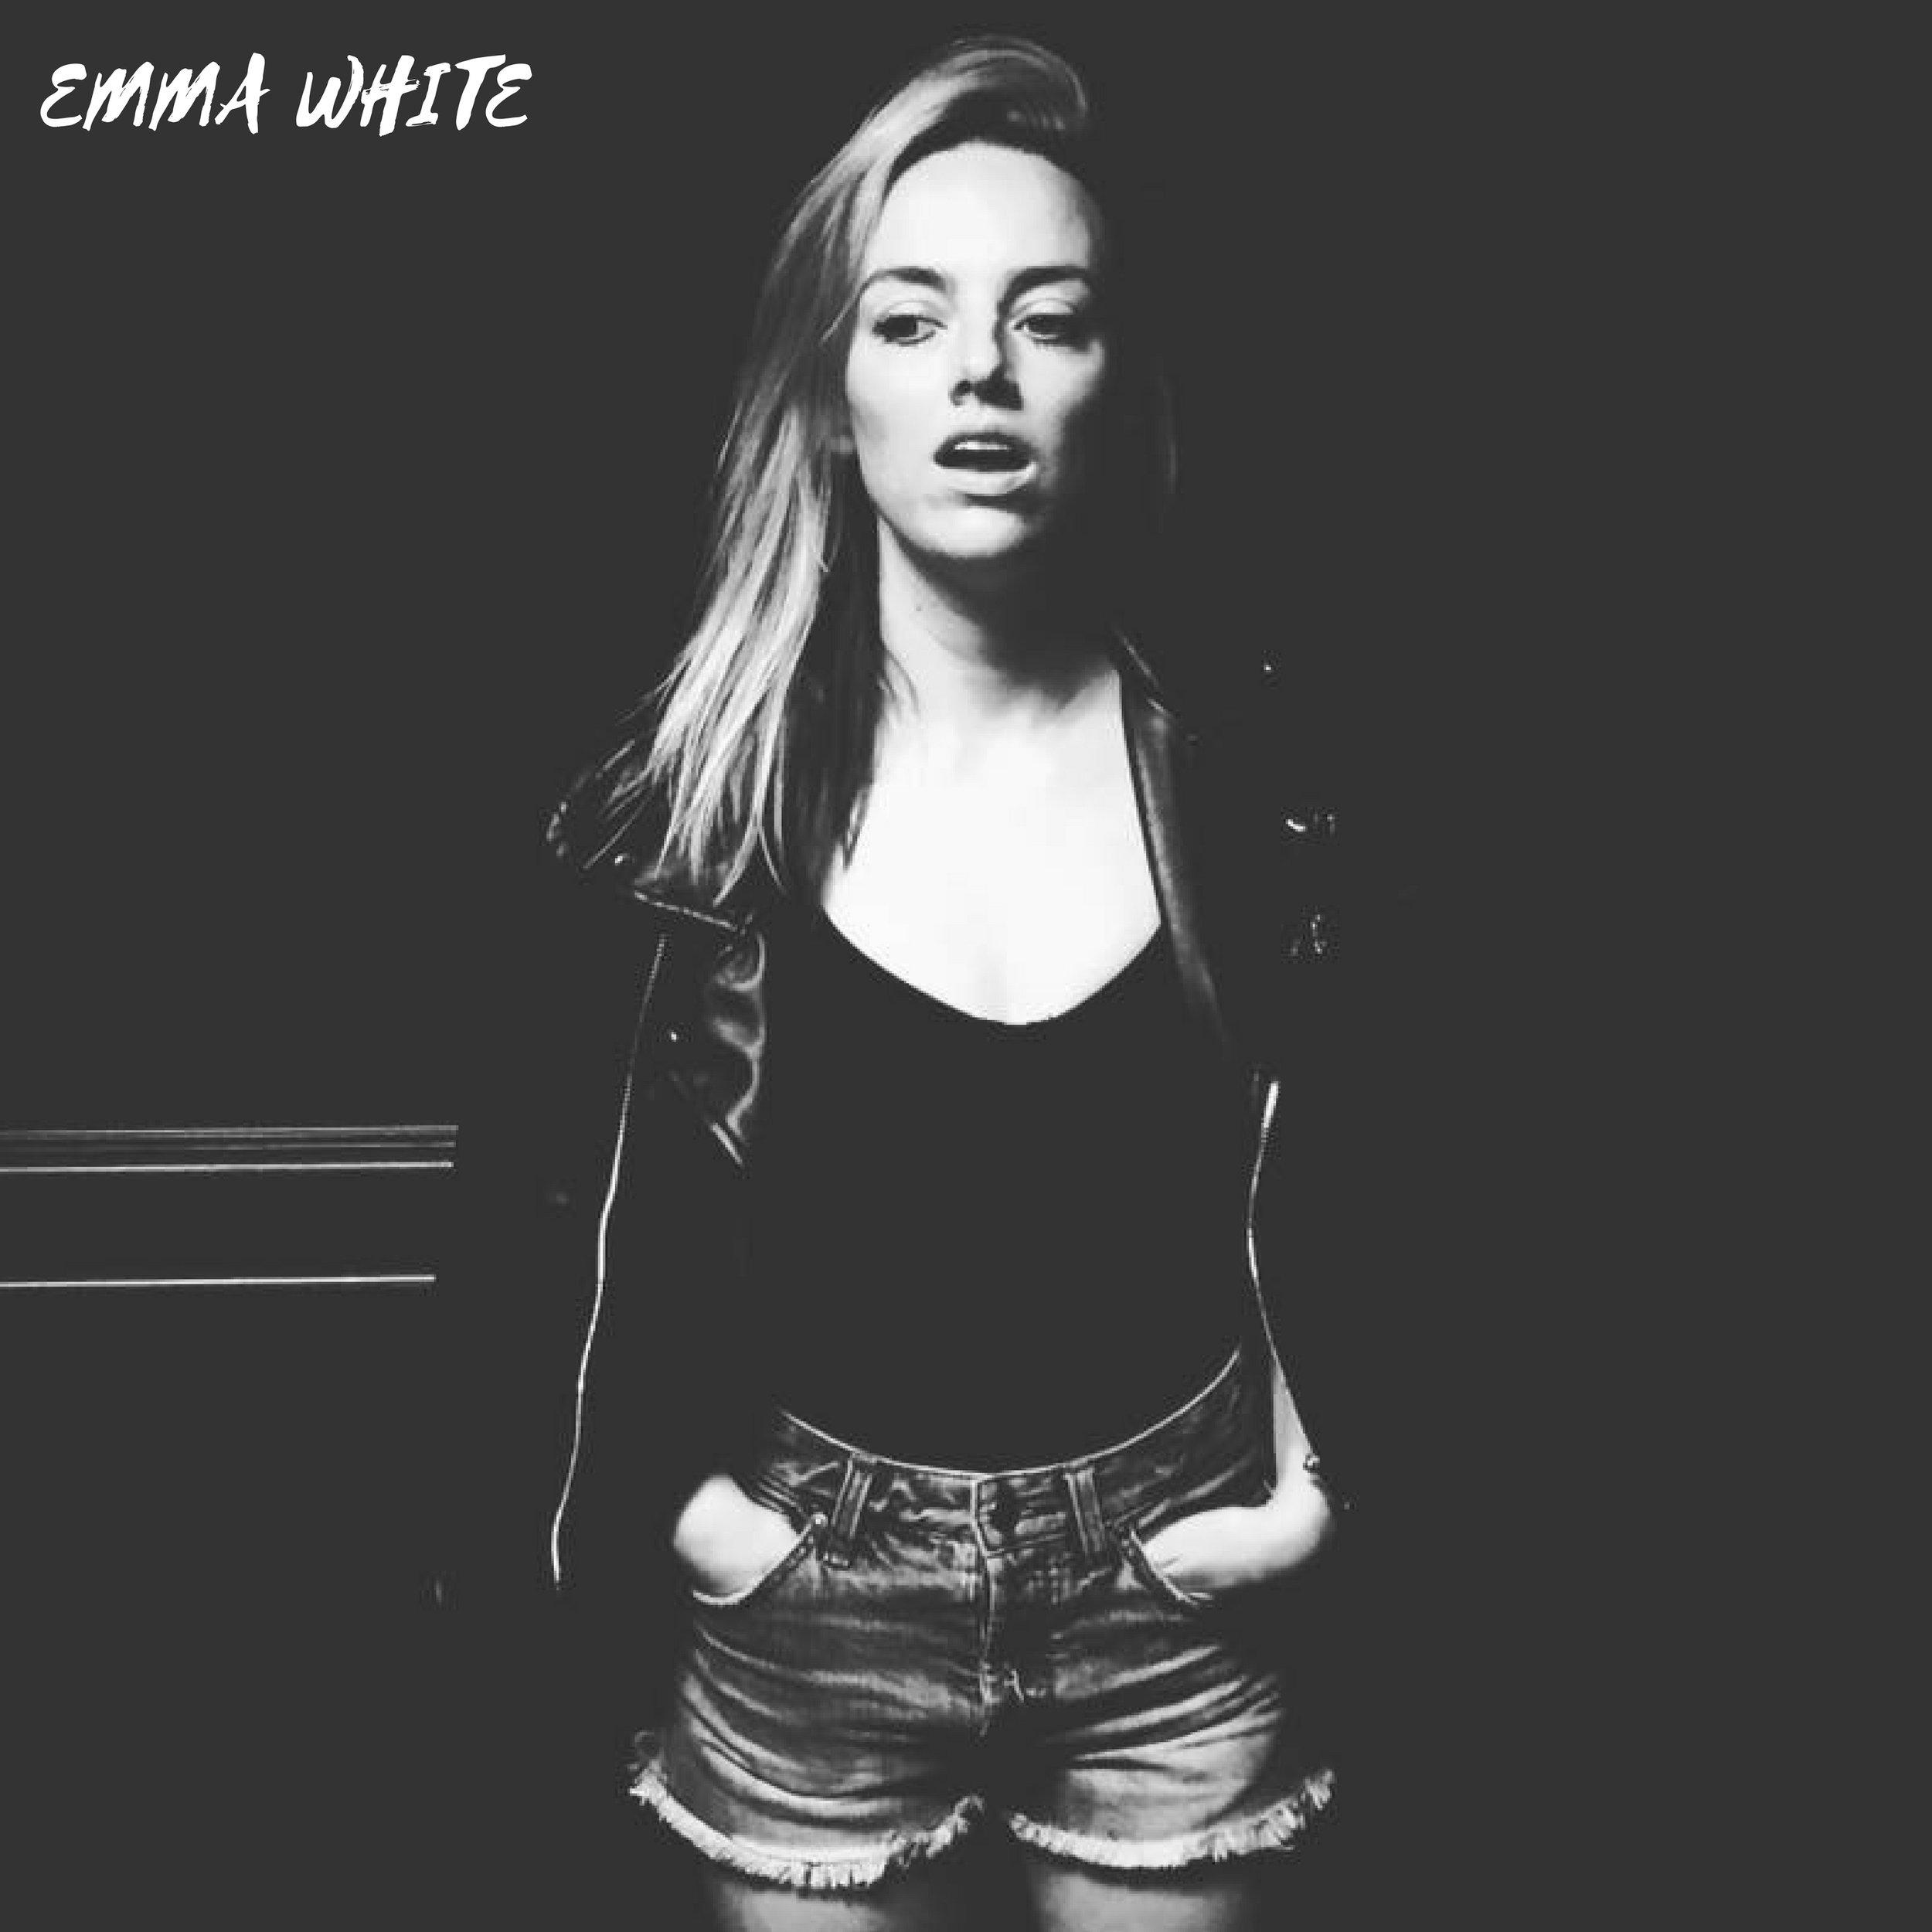 Emma White EP COVER.jpg